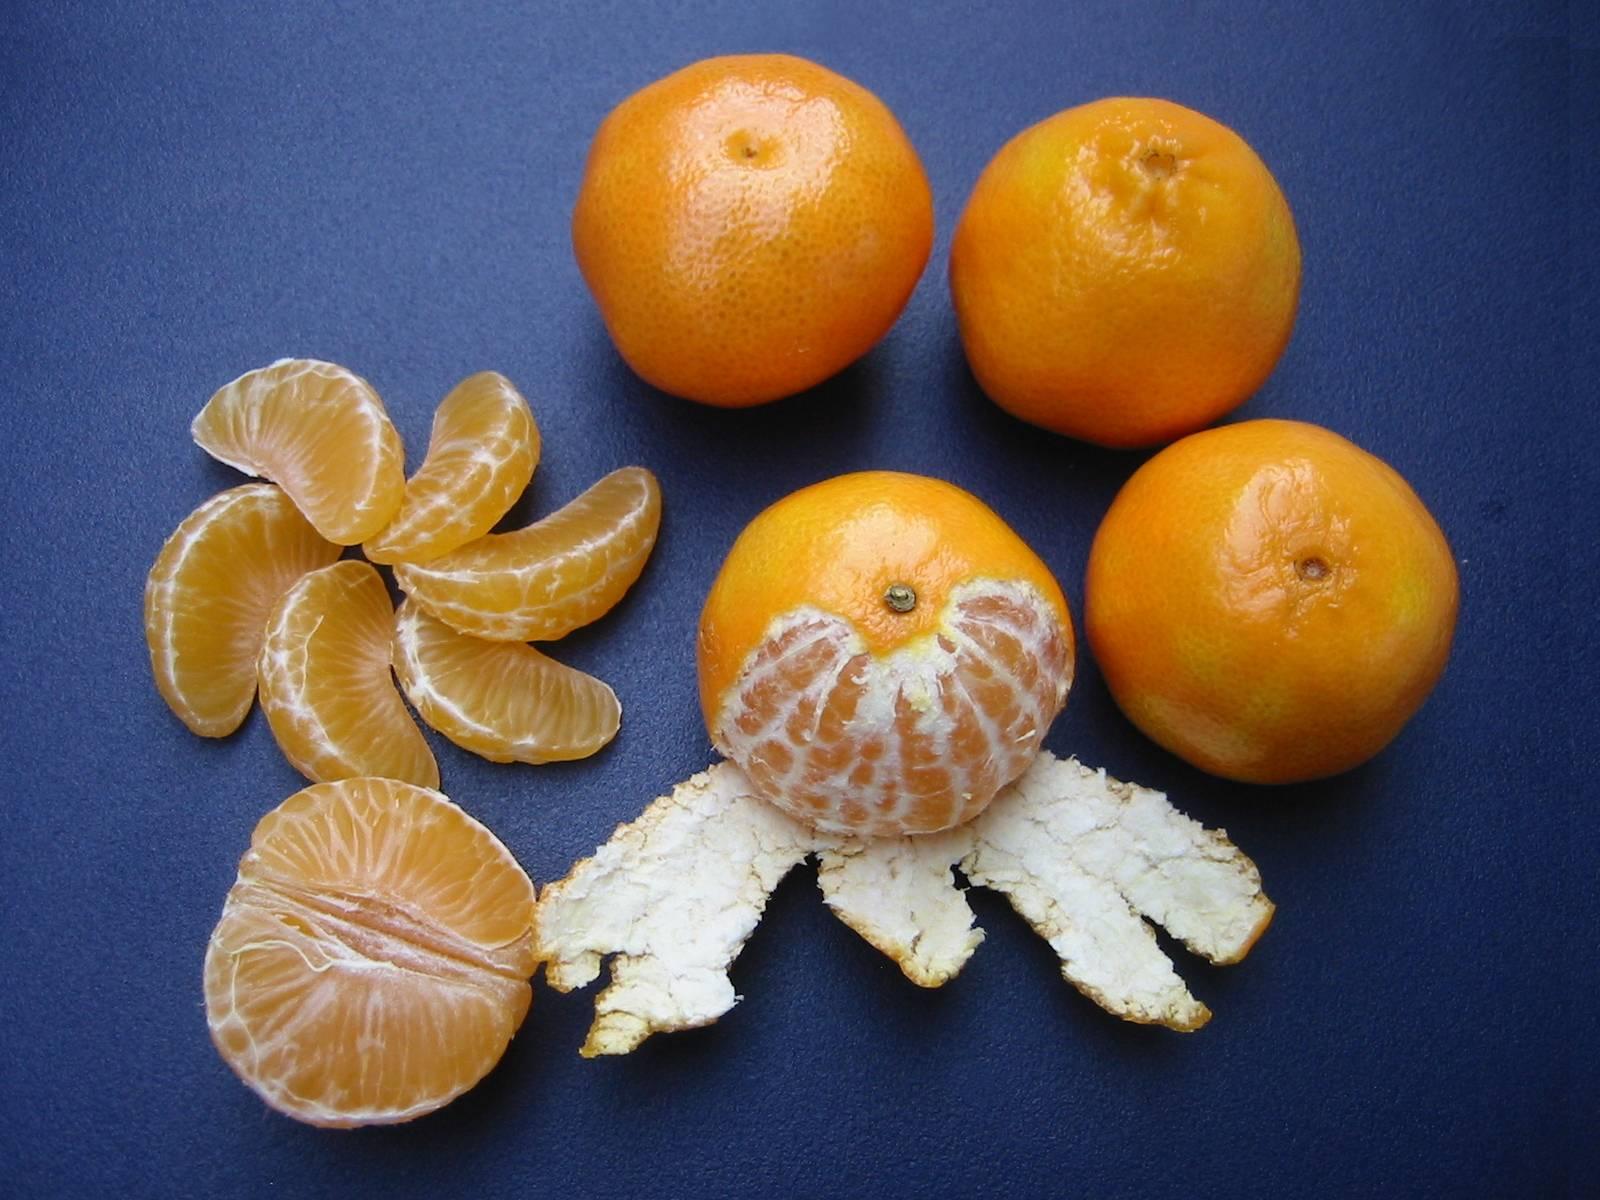 Клементины: что за фрукт, польза и вред, калорийность